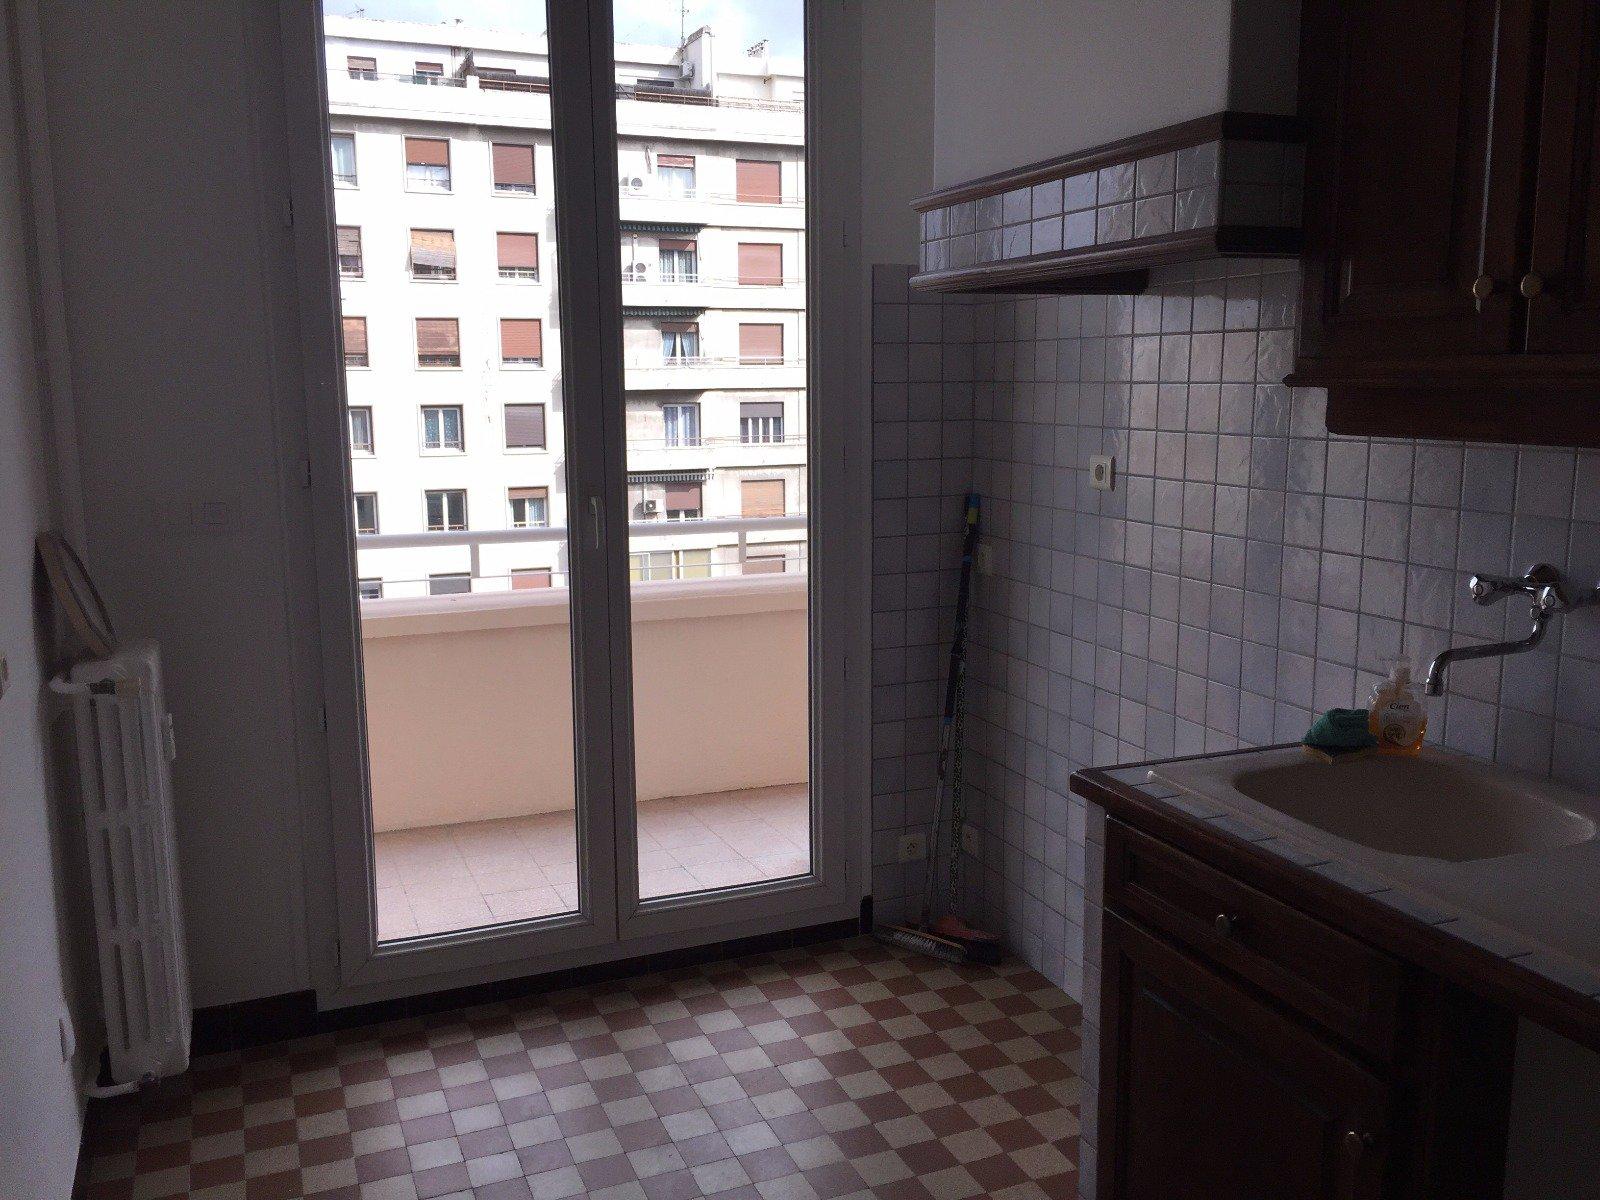 Appartement T1 Sakakini 13004 Marseille